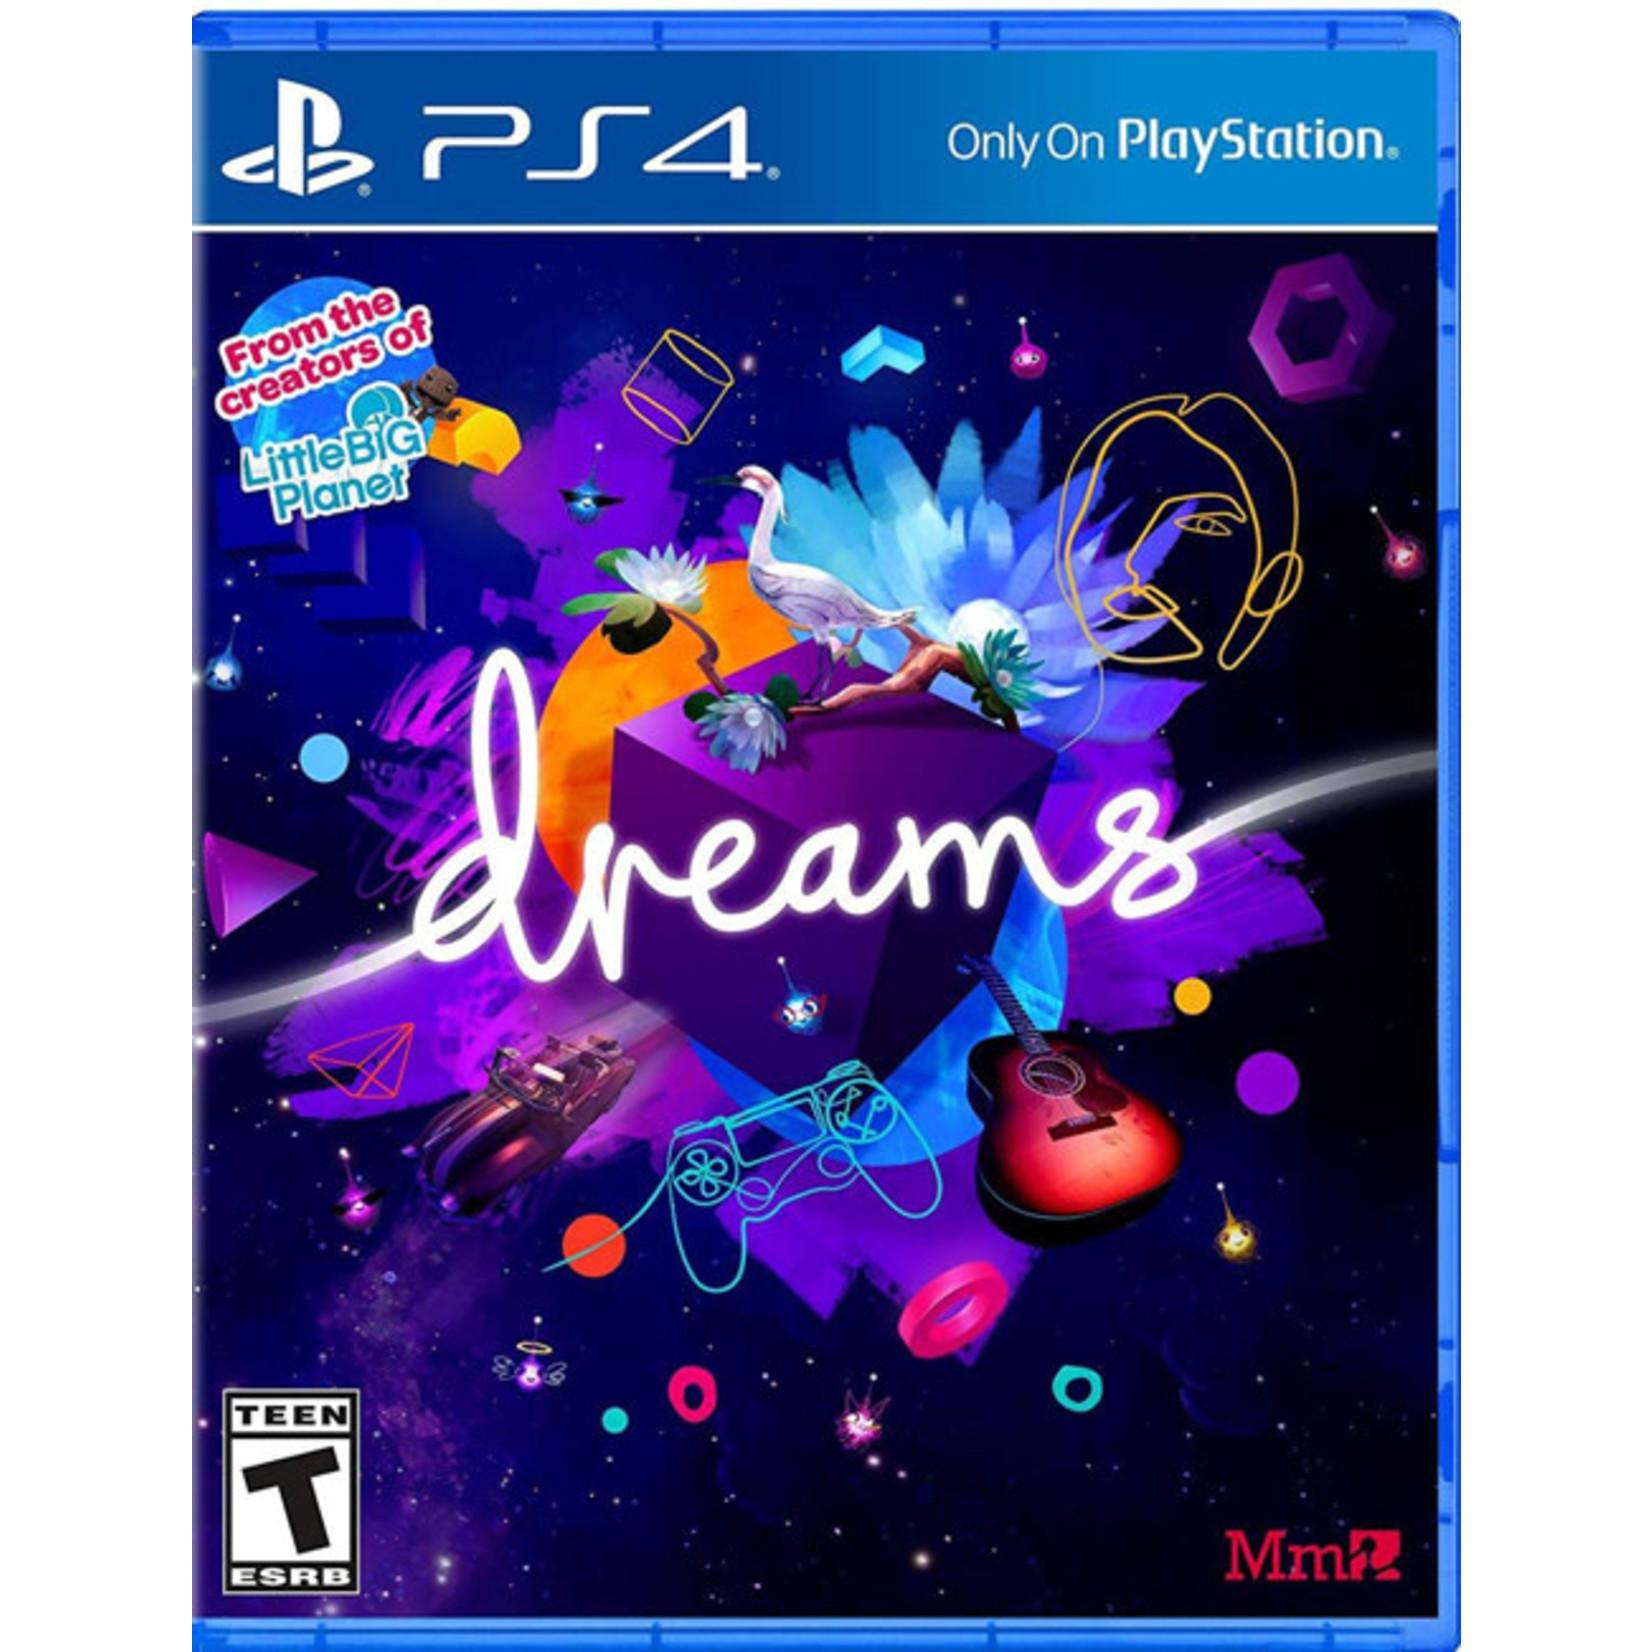 PS4-Dreams